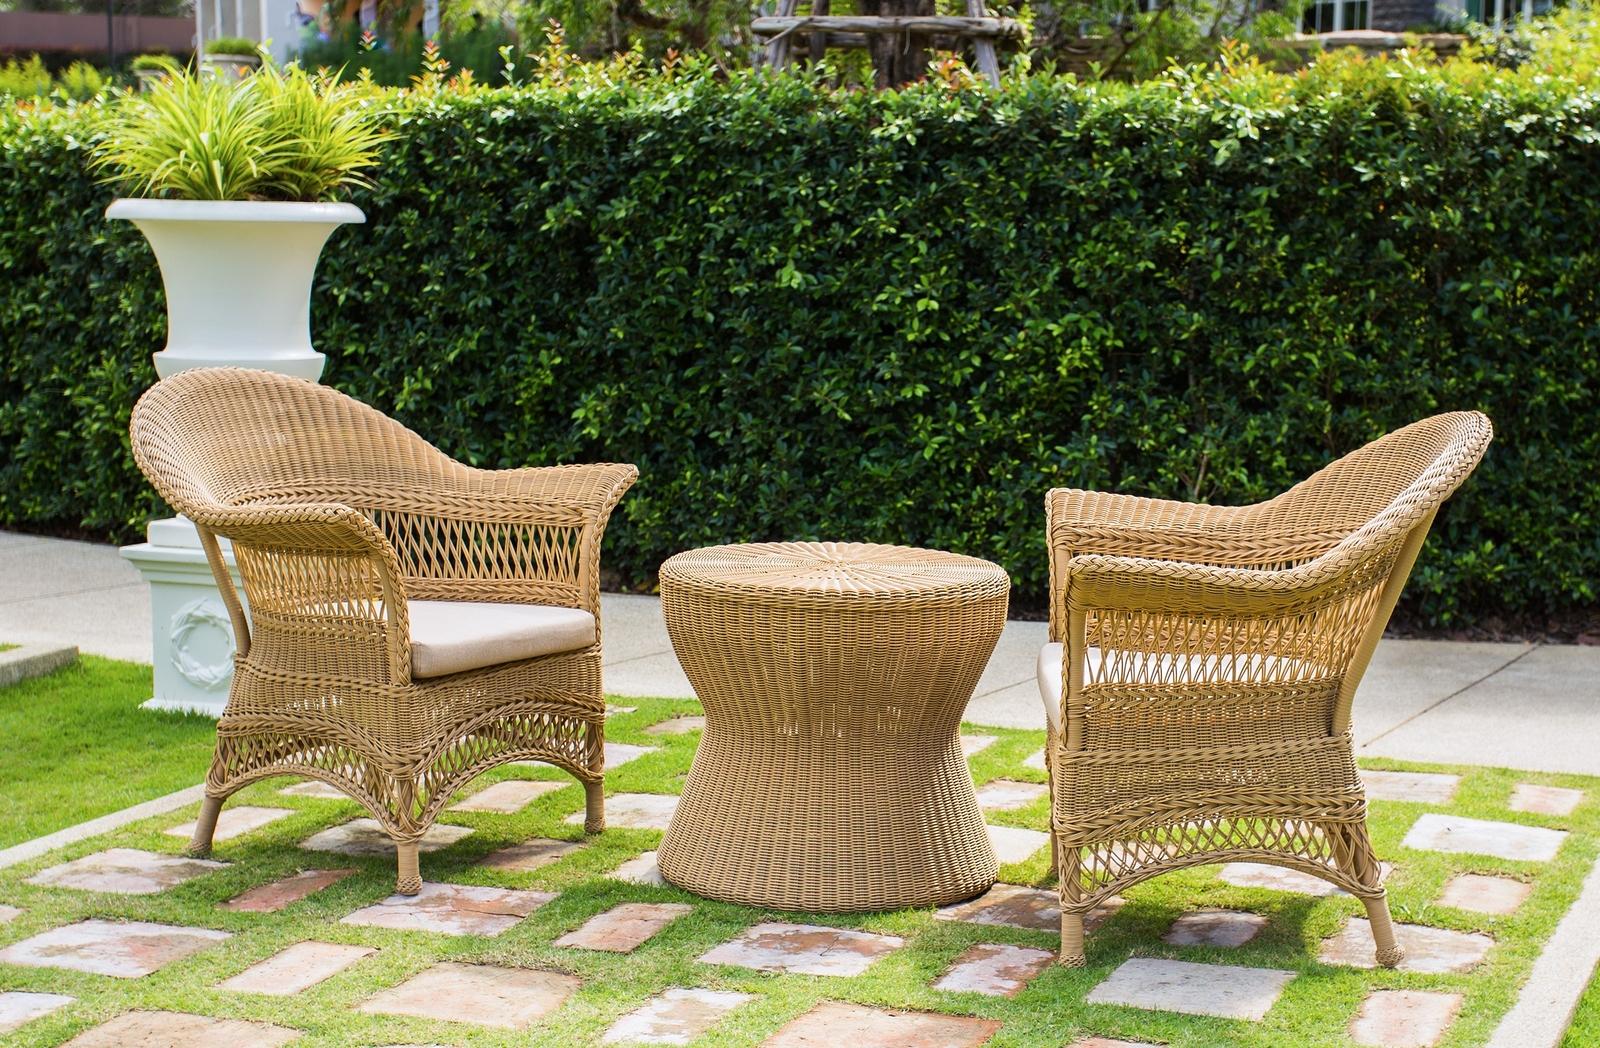 Ventajas de los muebles de mimbre blog de muebles y for Muebles de mimbre para jardin